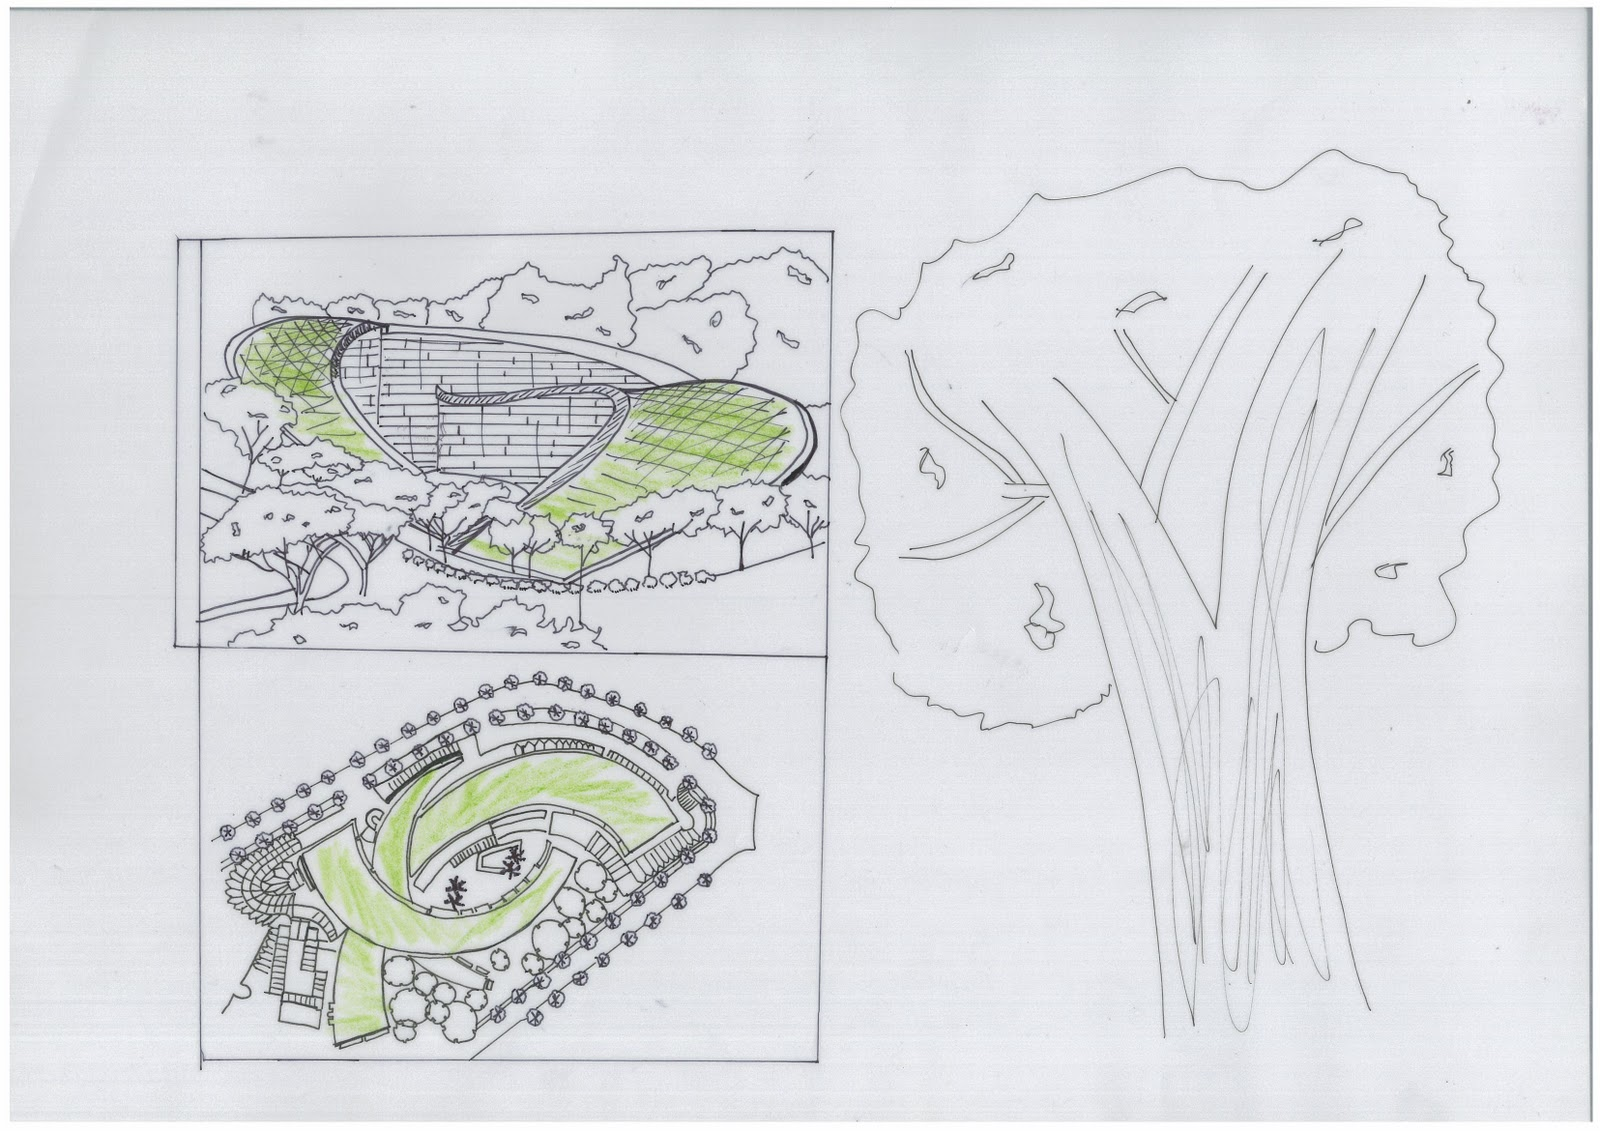 Architecture Sj12 3 Building Concepts